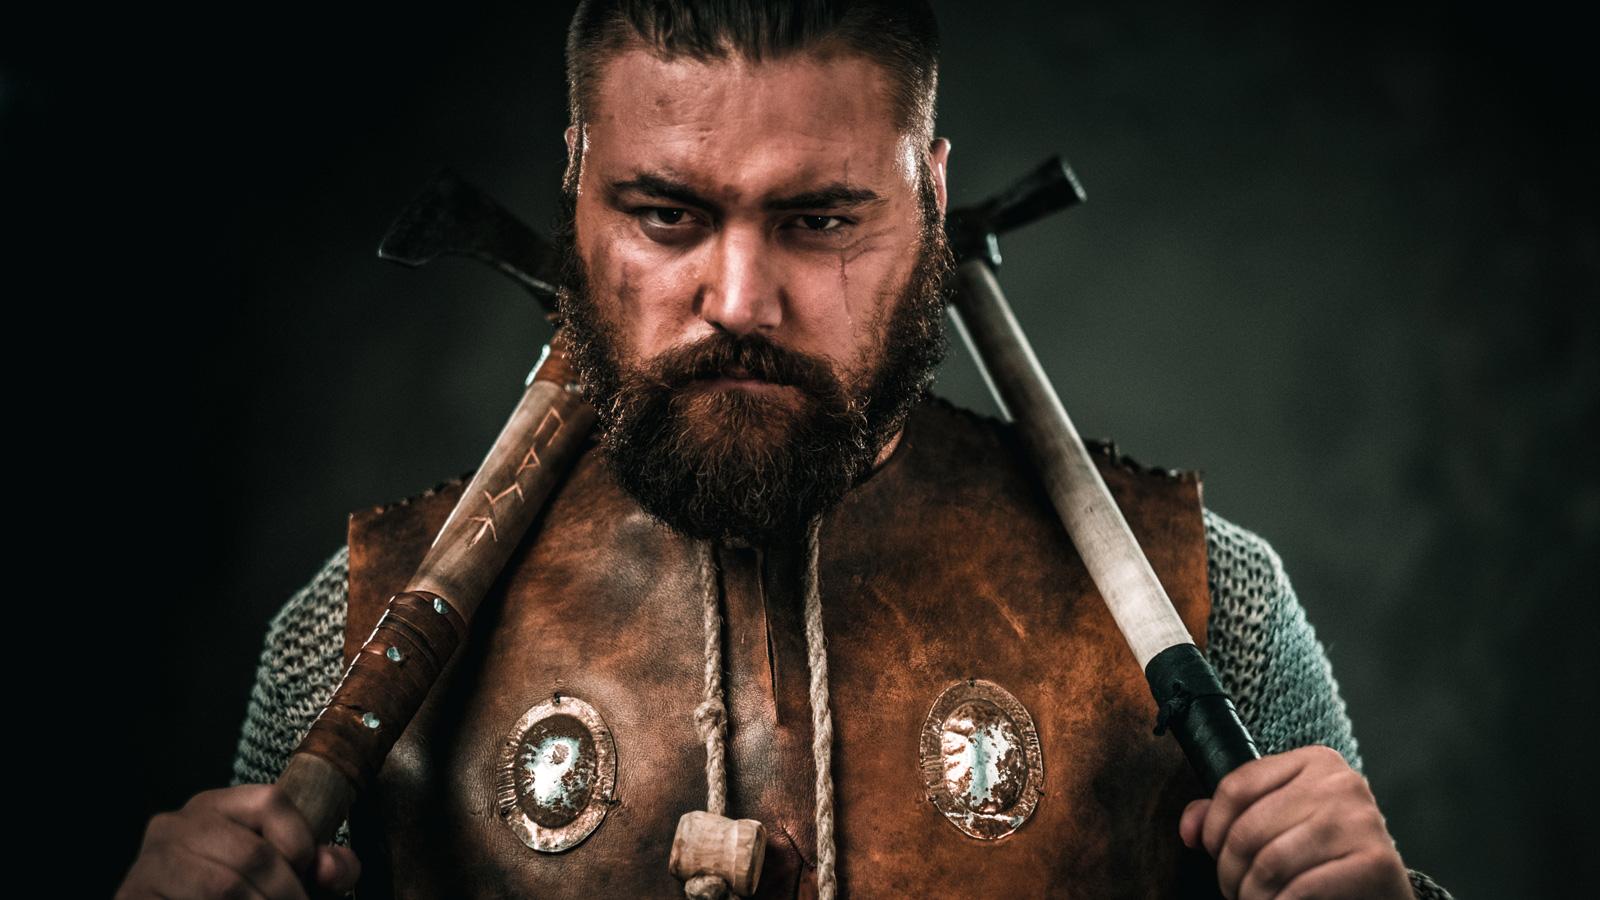 Jakie lekcje możemy wyciągnąć z historii kryzysów? marka mediarun viking historia kryzys 2020